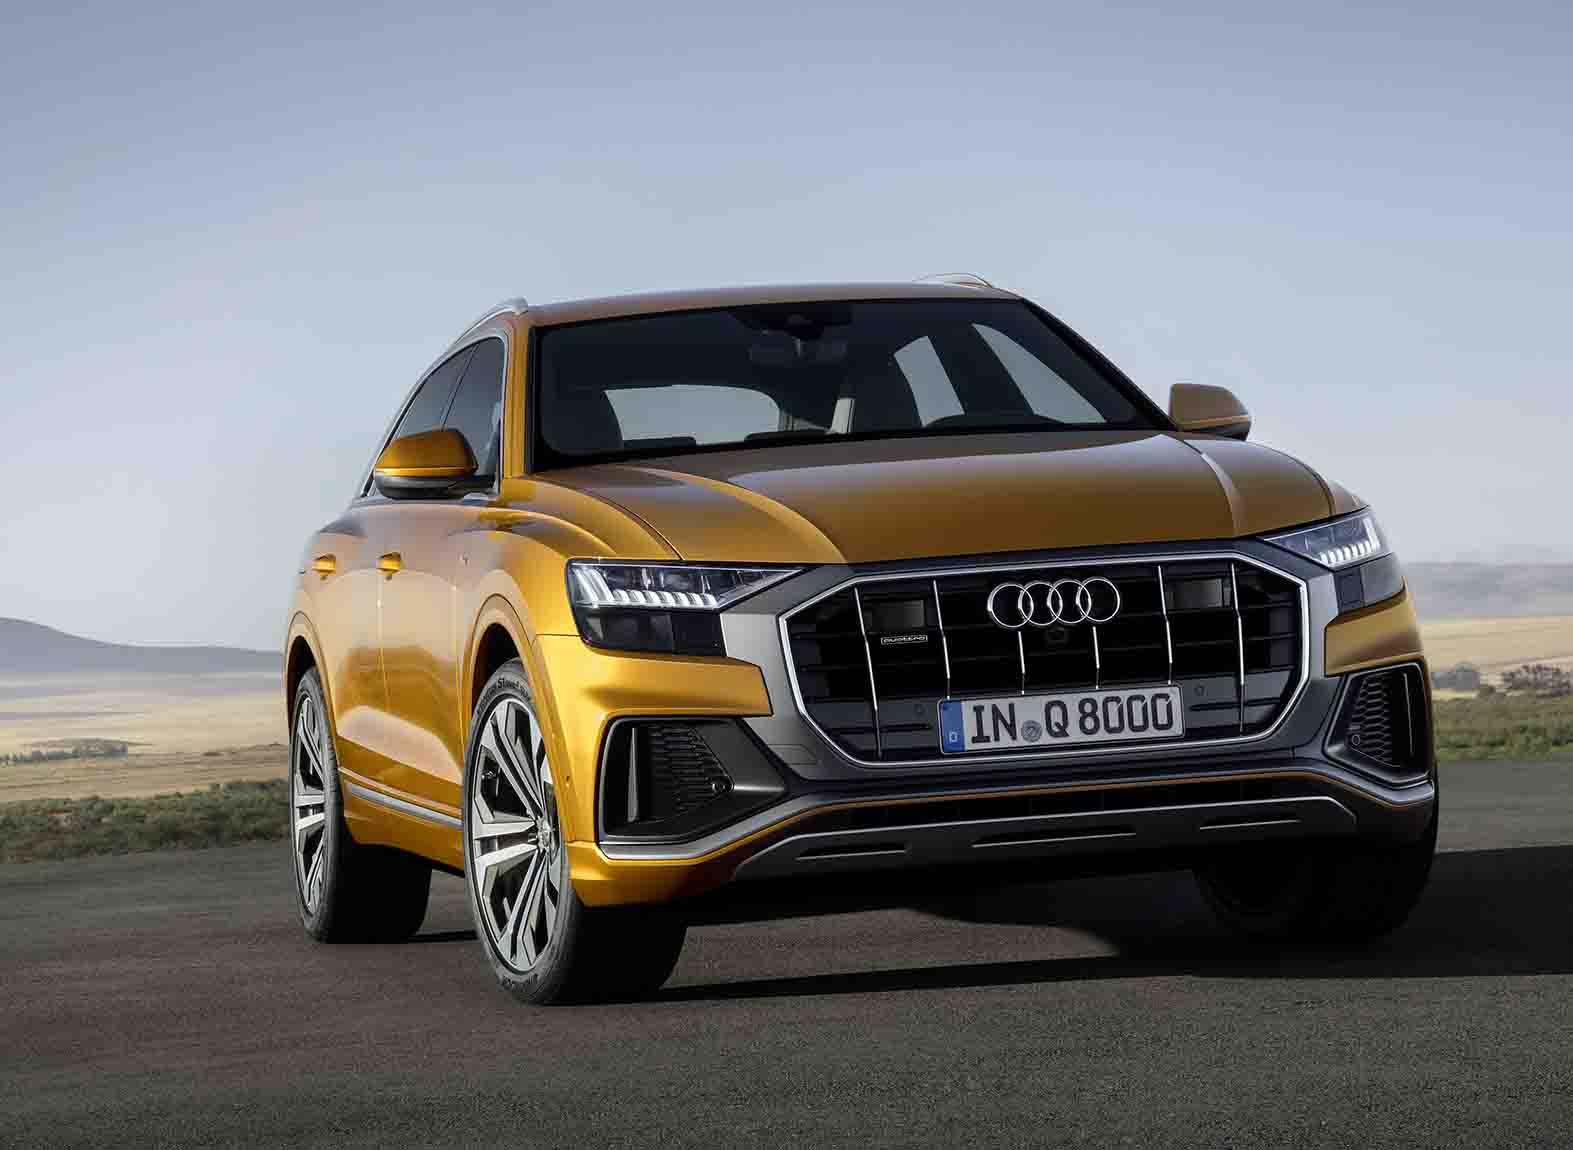 Con el sistema háptico se controlan una serie de características que muy seguramente una vez las conozca, no querrá abandonarlas nunca. Es así que subirse a bordo del nuevo Audi Q8 se convierte en toda una experiencia sensorial.